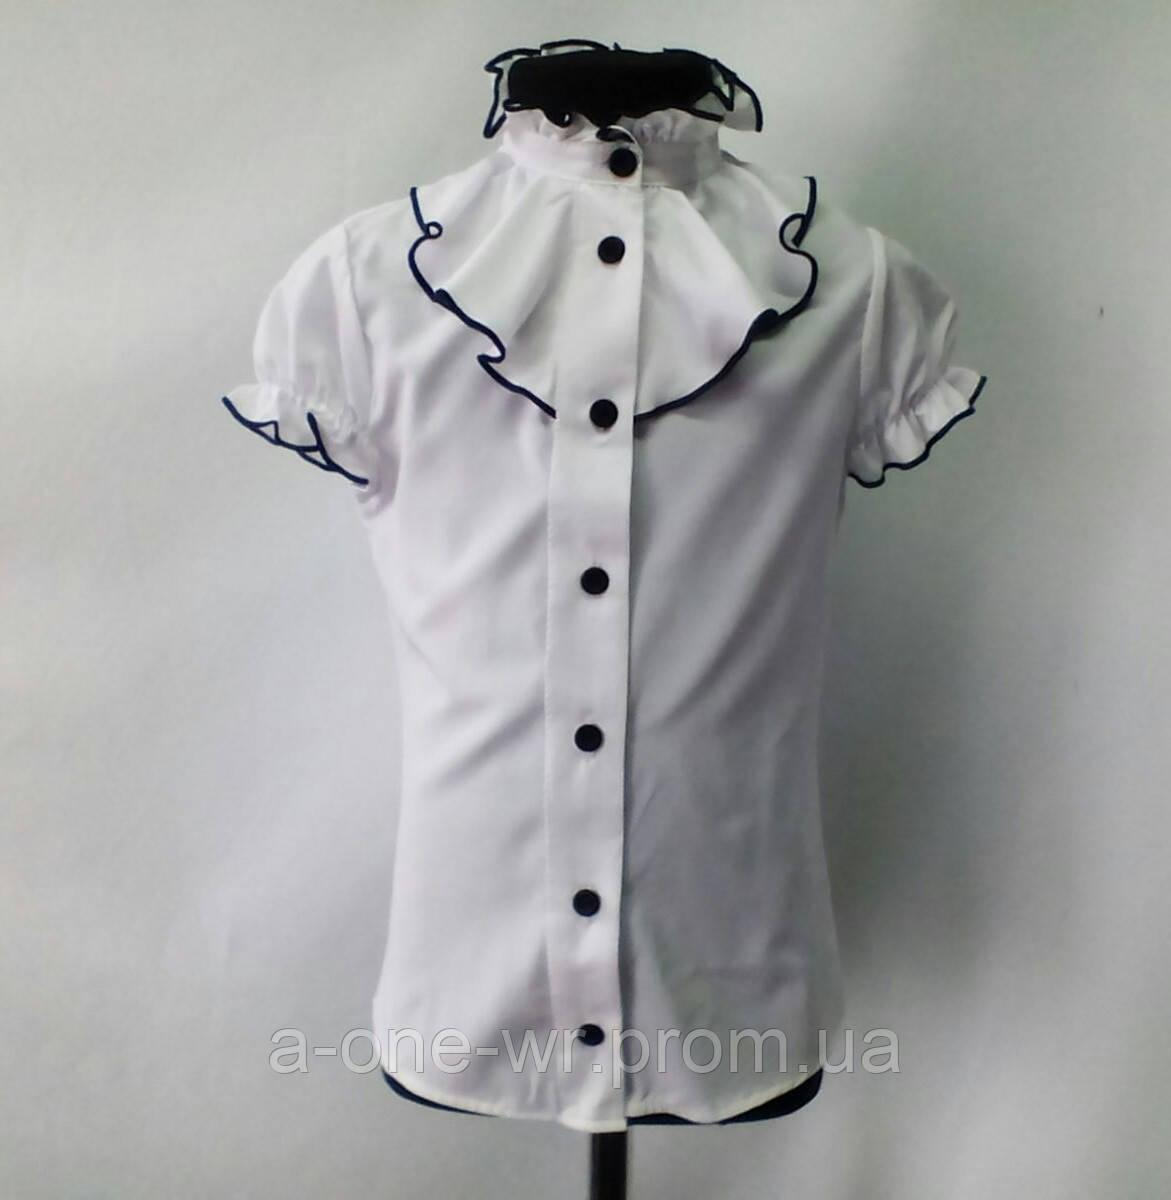 018a90ec261 Нарядная блузка